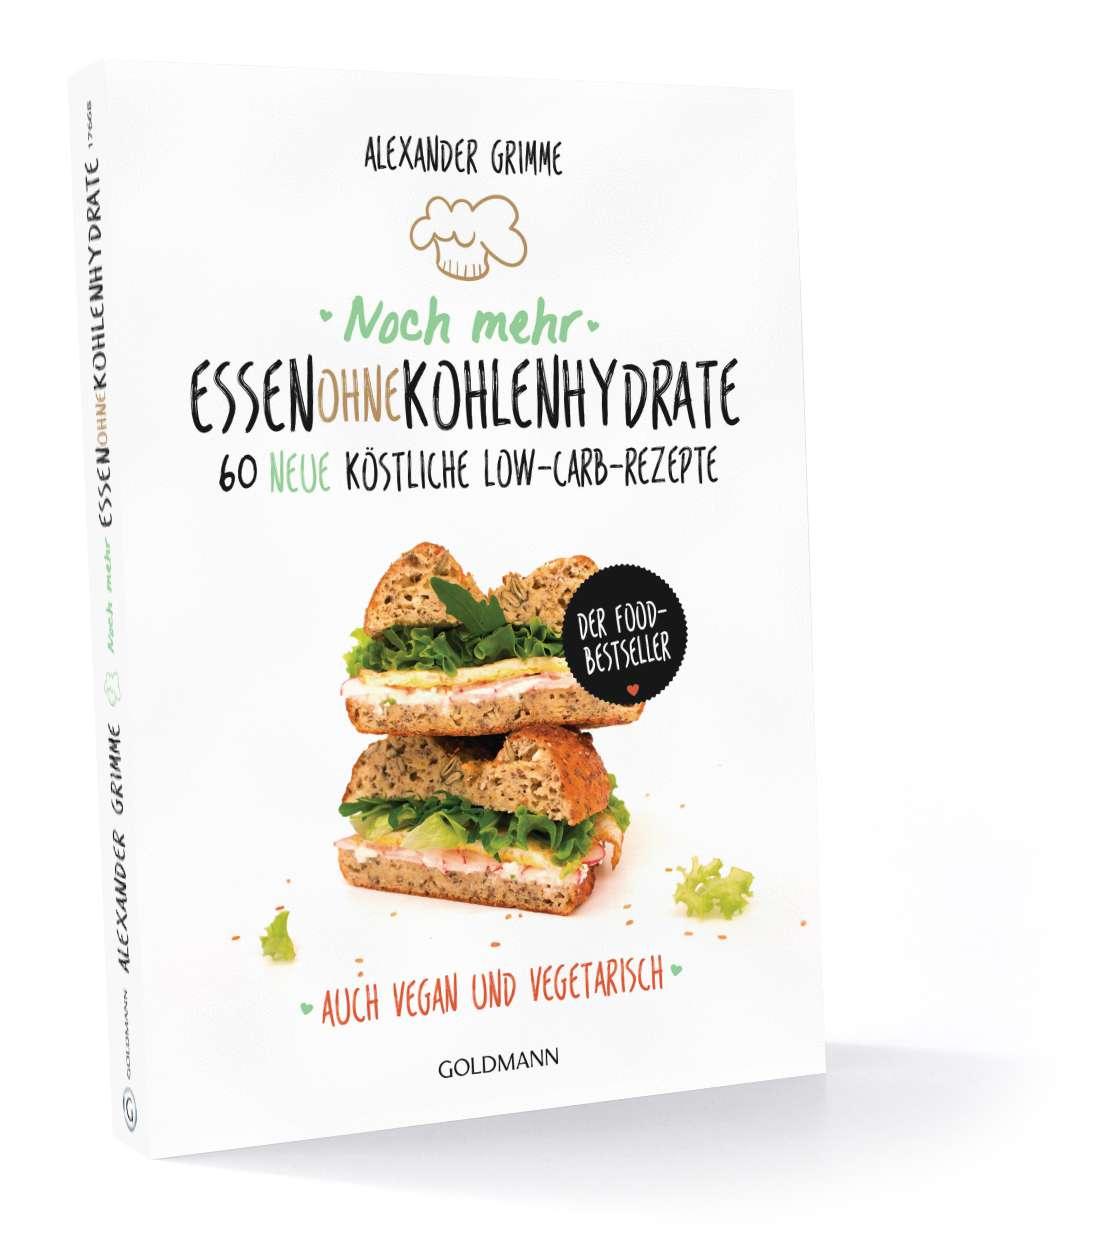 60 neue köstliche Low-Carb-Rezepte - Auch vegan und vegetarisch